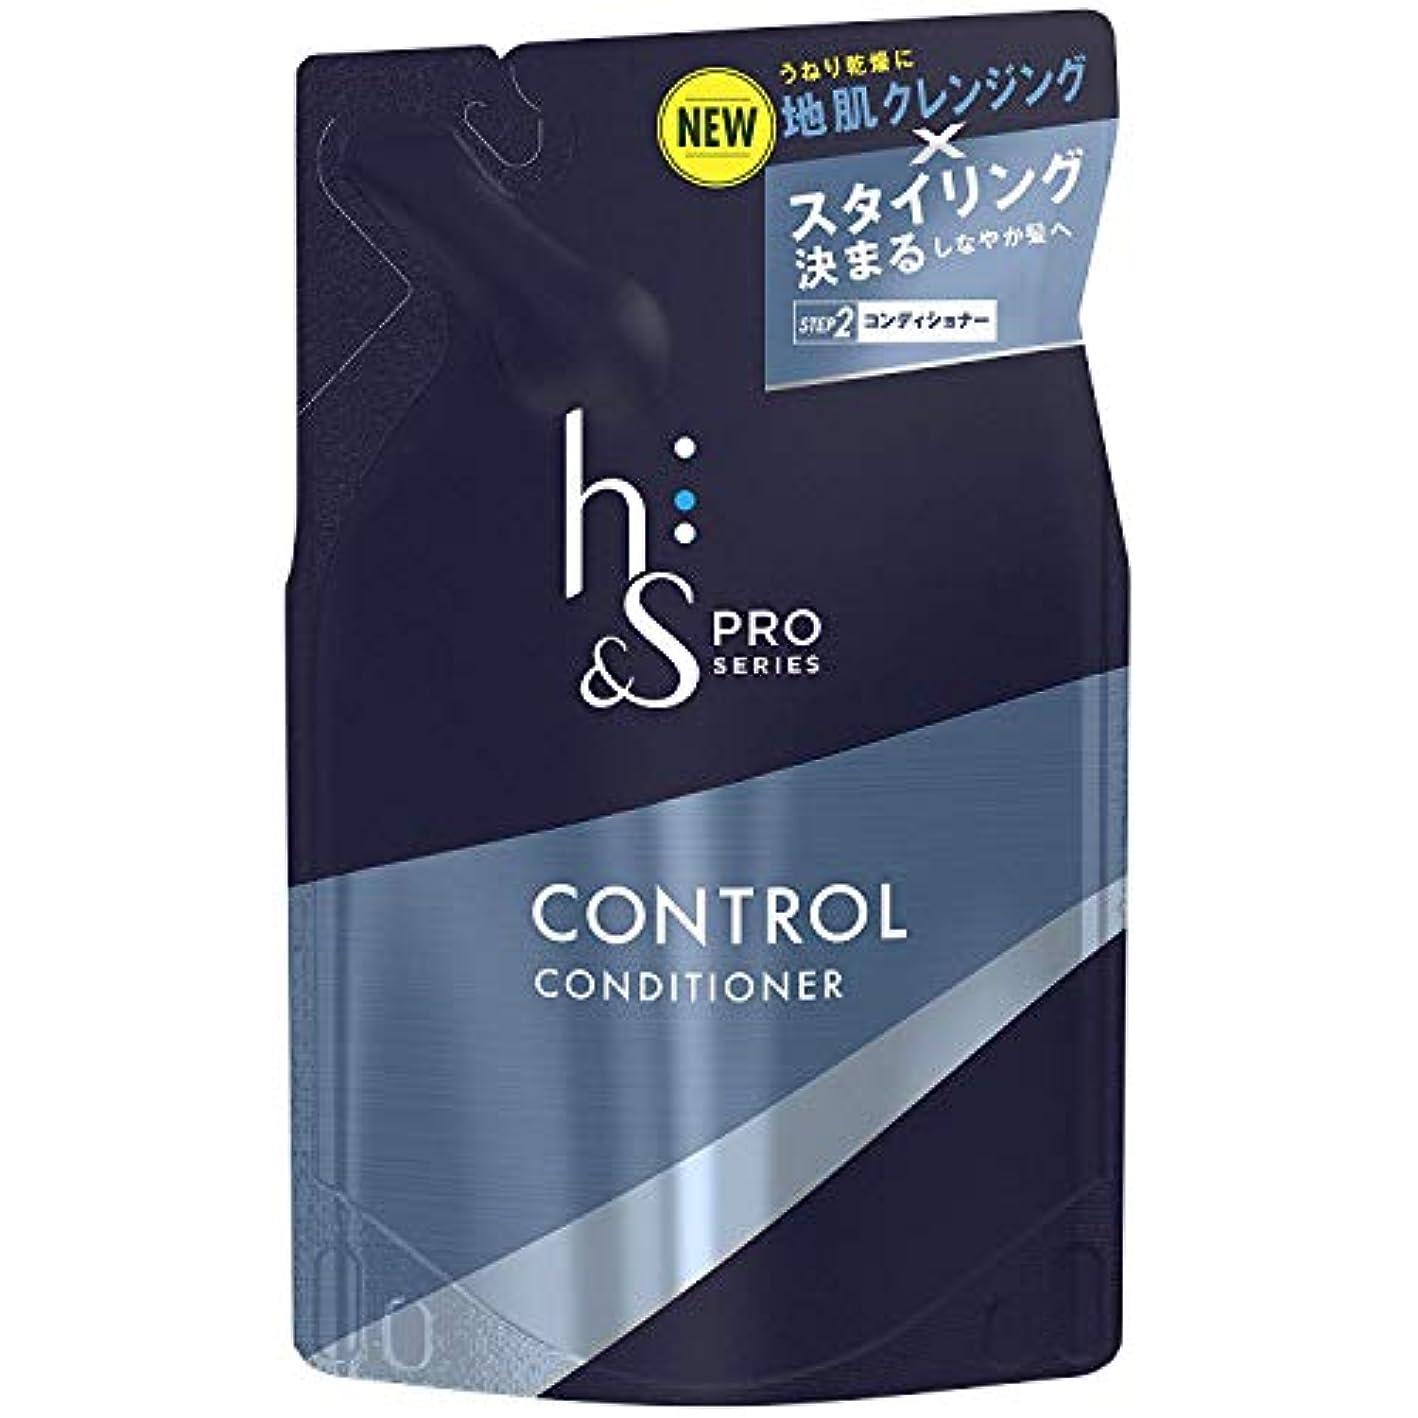 チャンピオンシップ変わる作ります【3個セット】h&s PRO (エイチアンドエス プロ) メンズ コンディショナー コントロール 詰め替え (スタイリング重視) 300g